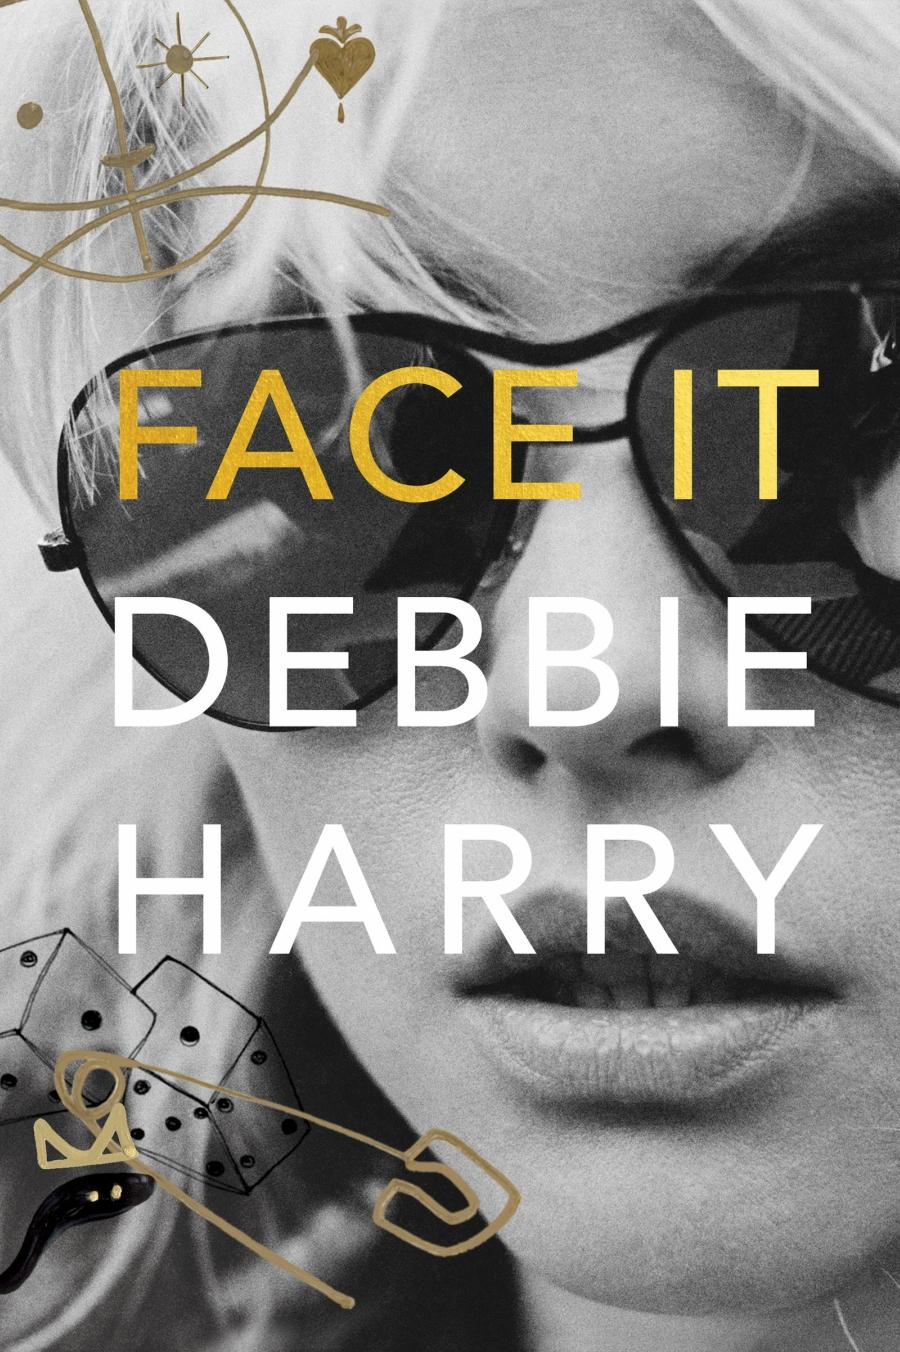 Aquela vez em que Debbie Harry escapou do serial killer Ted Bundy